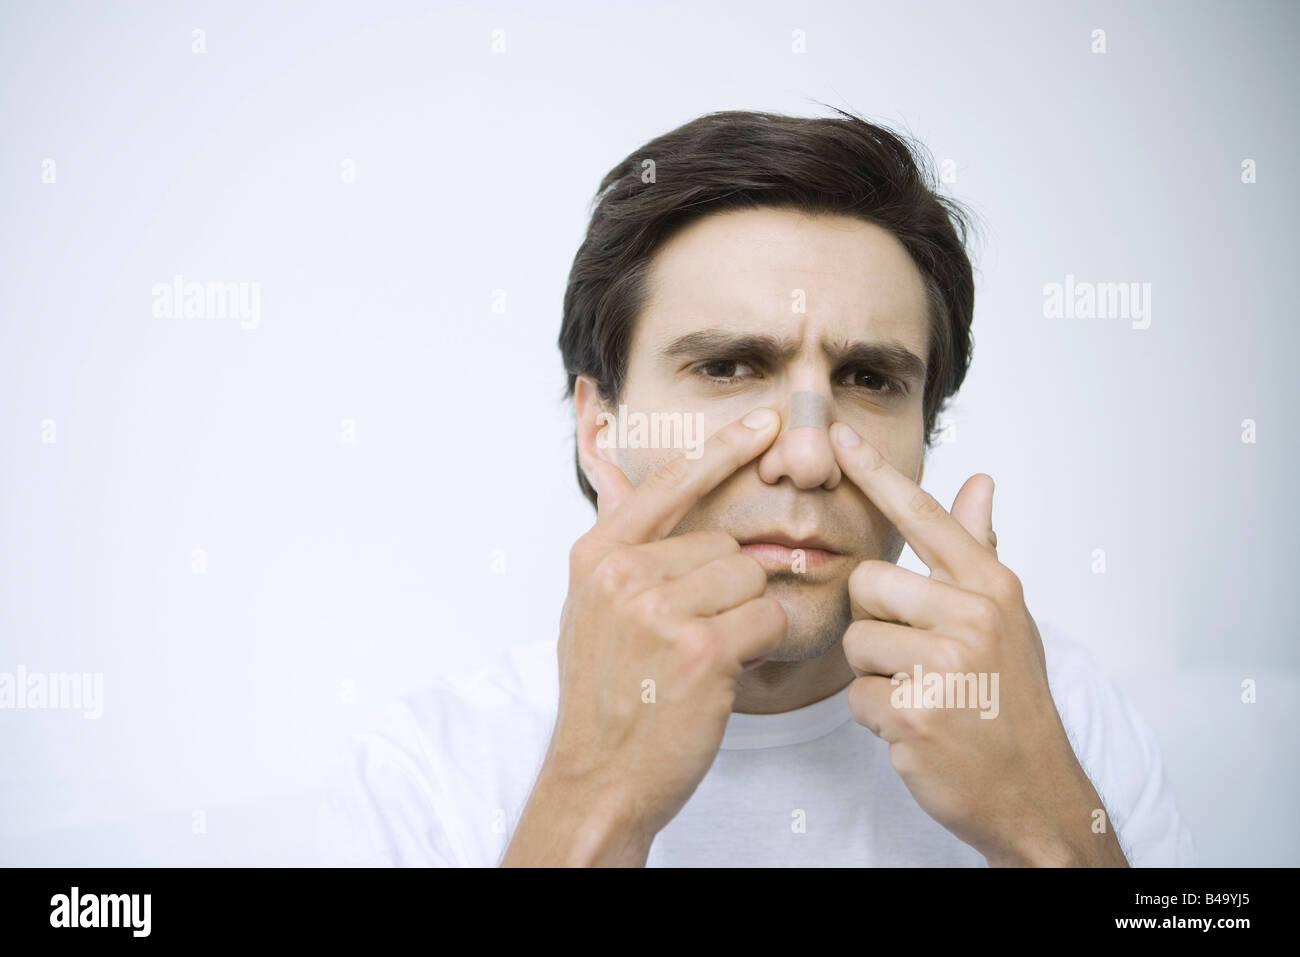 Man applying adhesive bandage on his nose, looking at camera Stock Photo